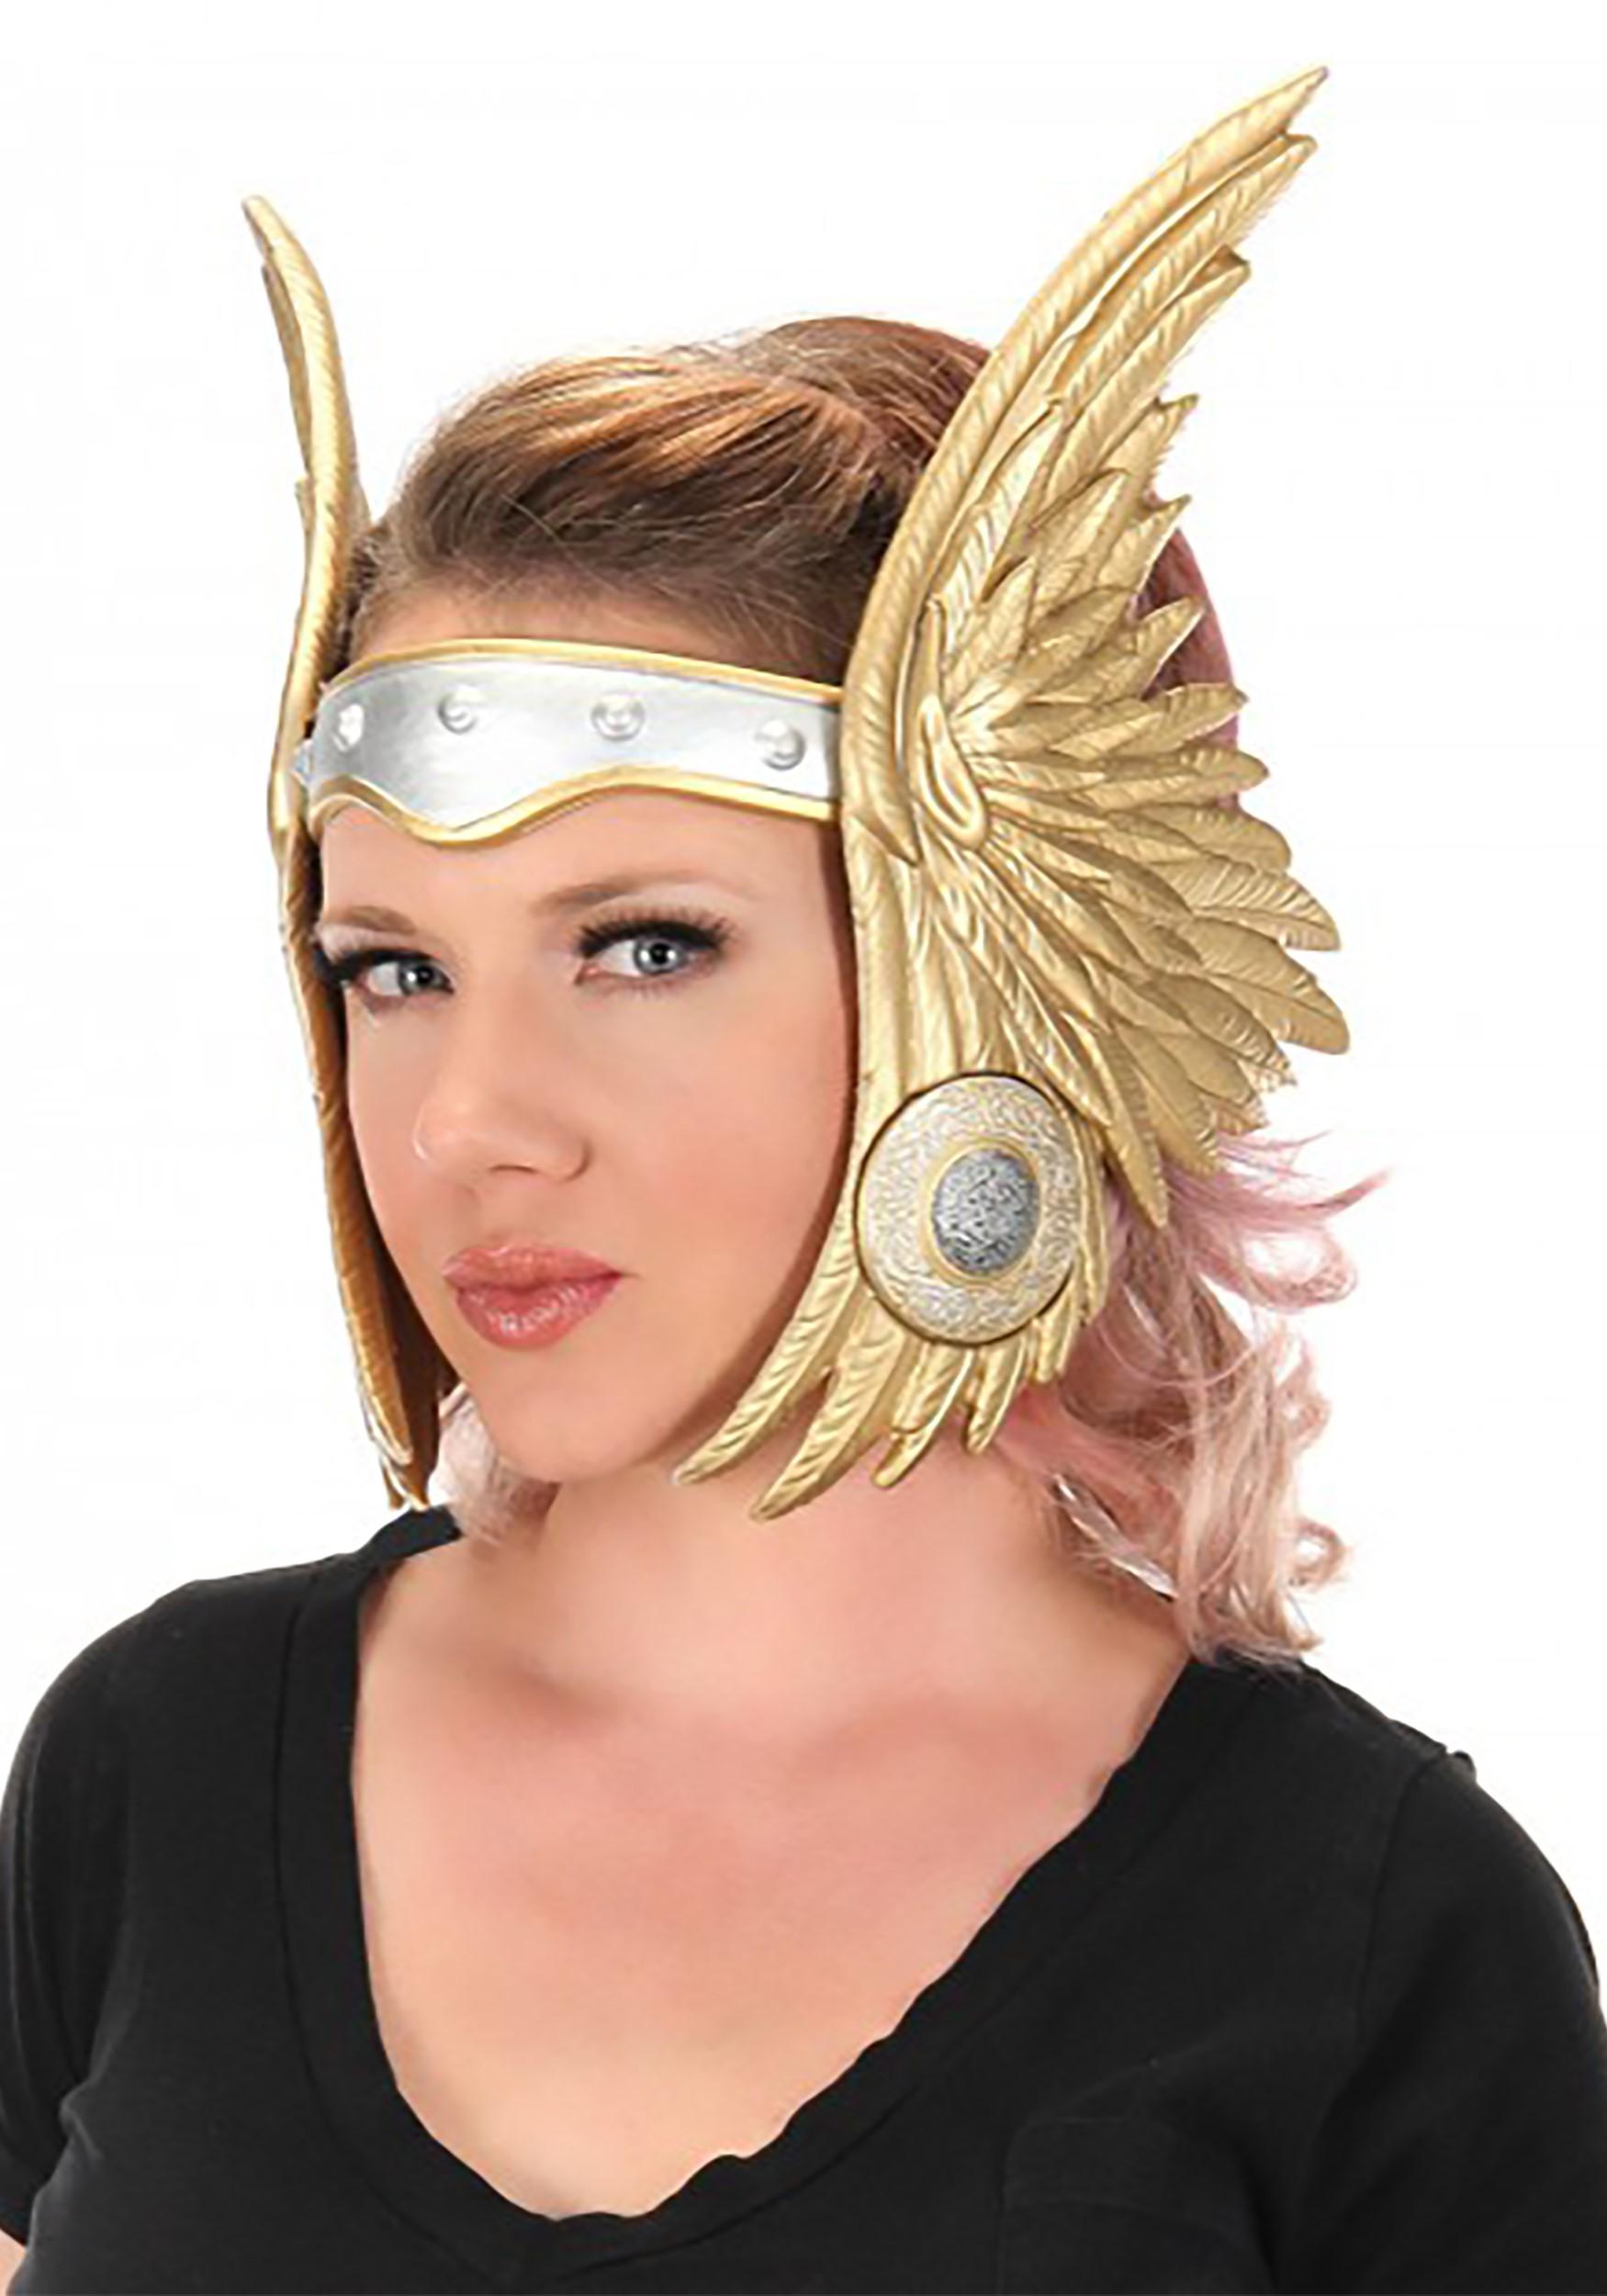 Valkyrie Viking Headband